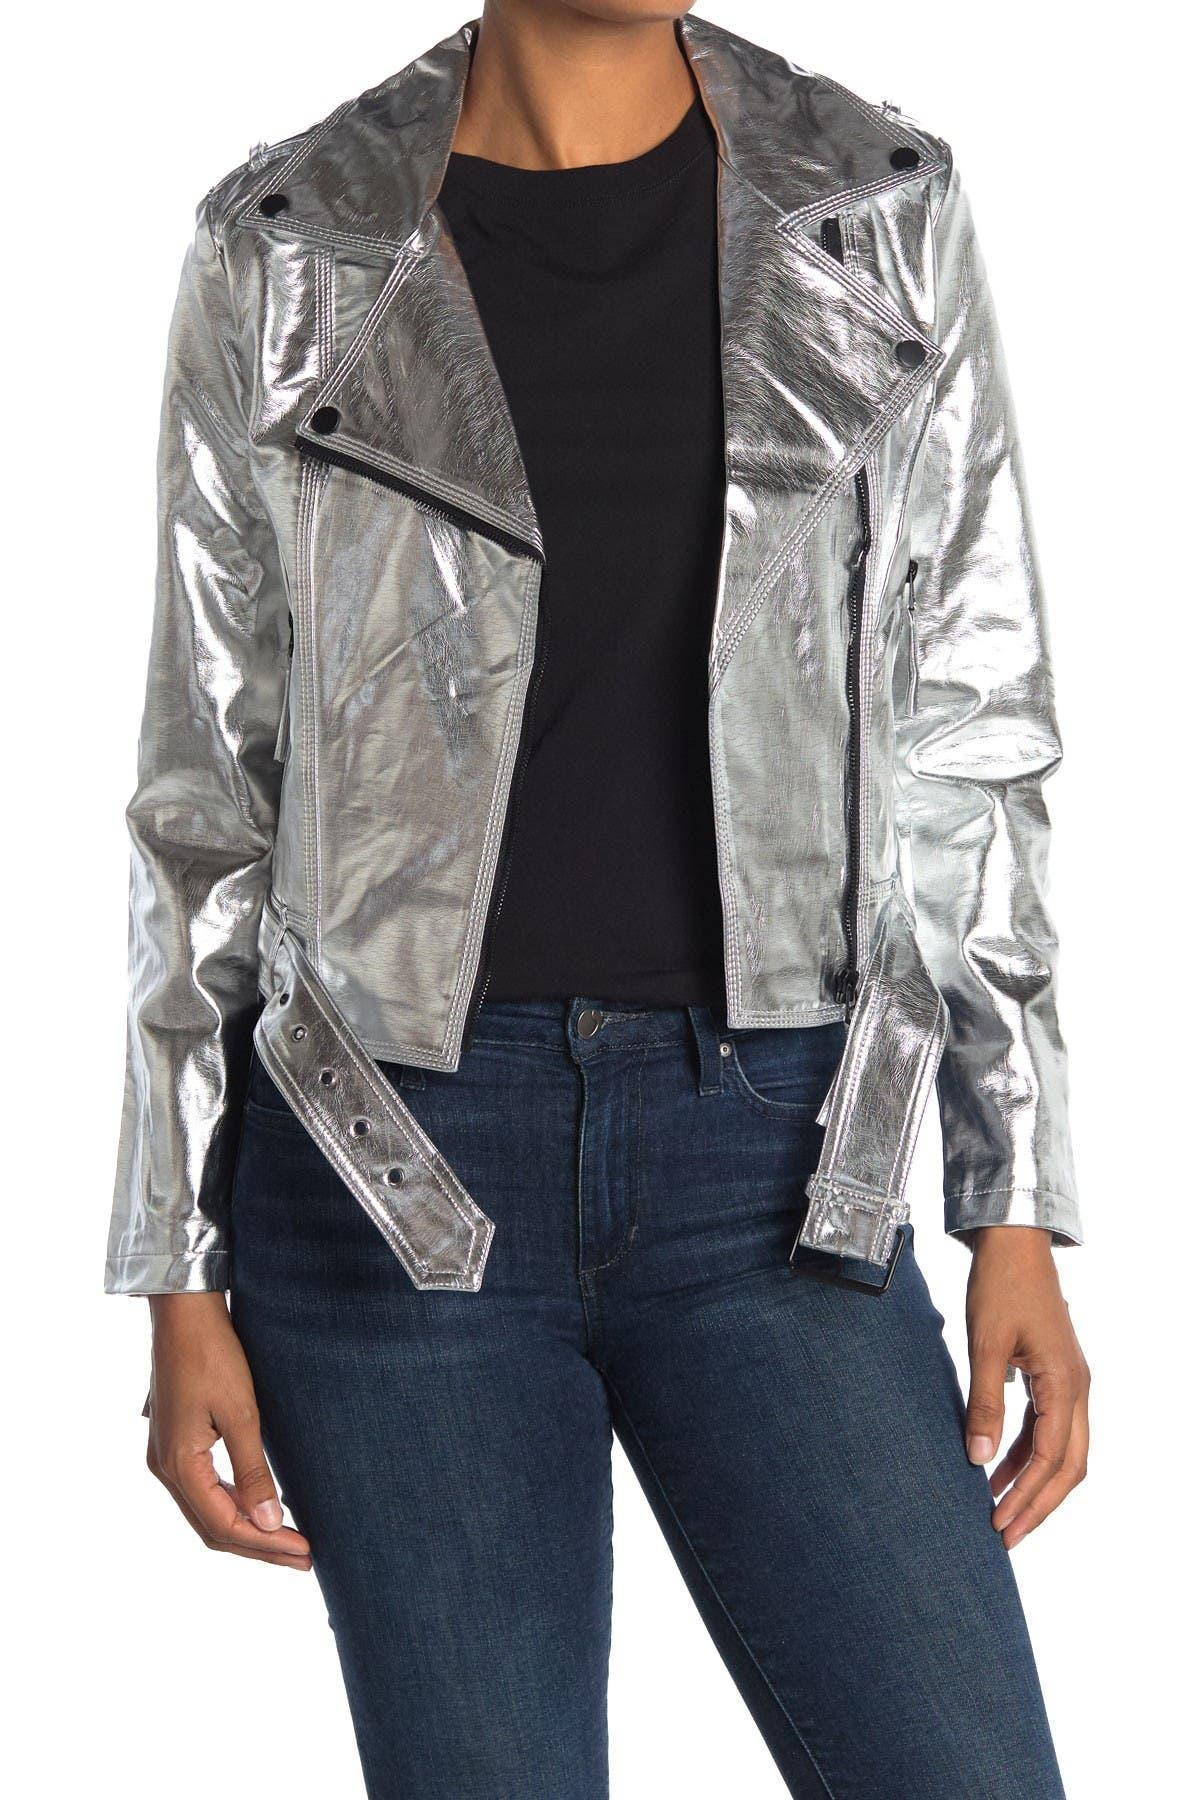 Image of NOIZE Metallic Vegan Leather Belted Jacket